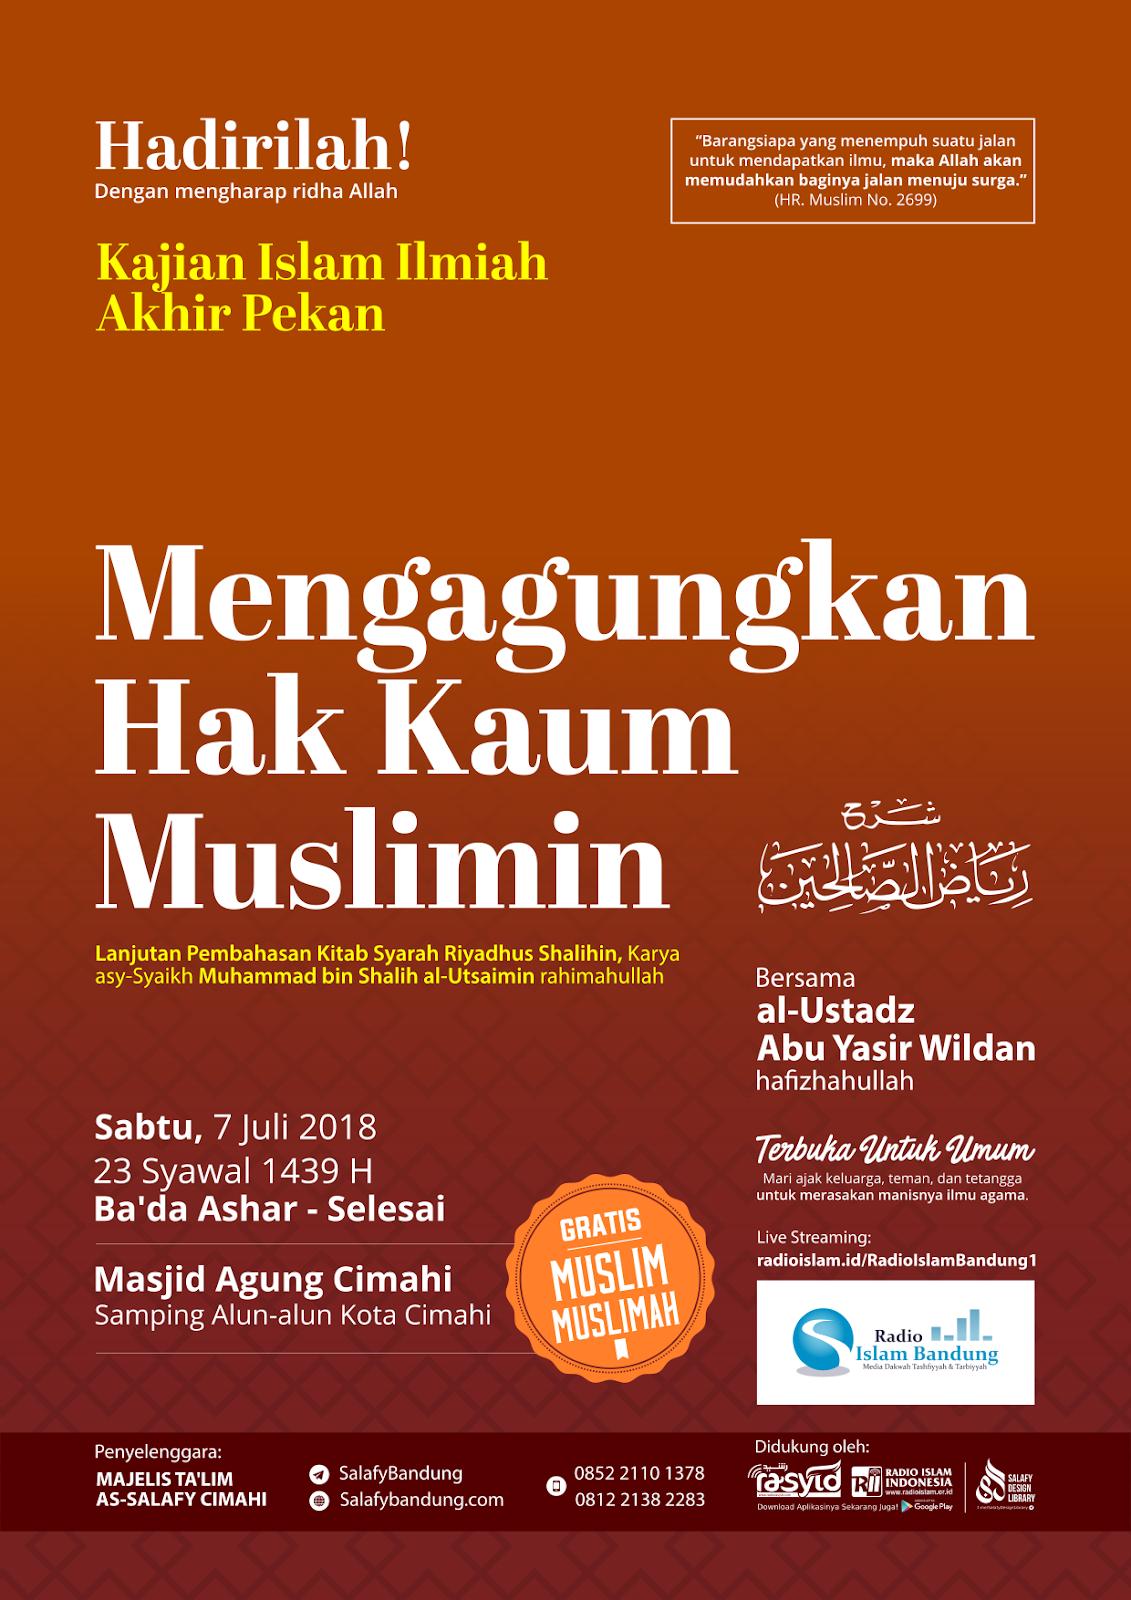 Kajian Masjid Agung Cimahi: Mengagungkan Hak Kaum Muslimin Pertemuan ke-4 (Pembahasan Kitab Riyadhus Shalihin)